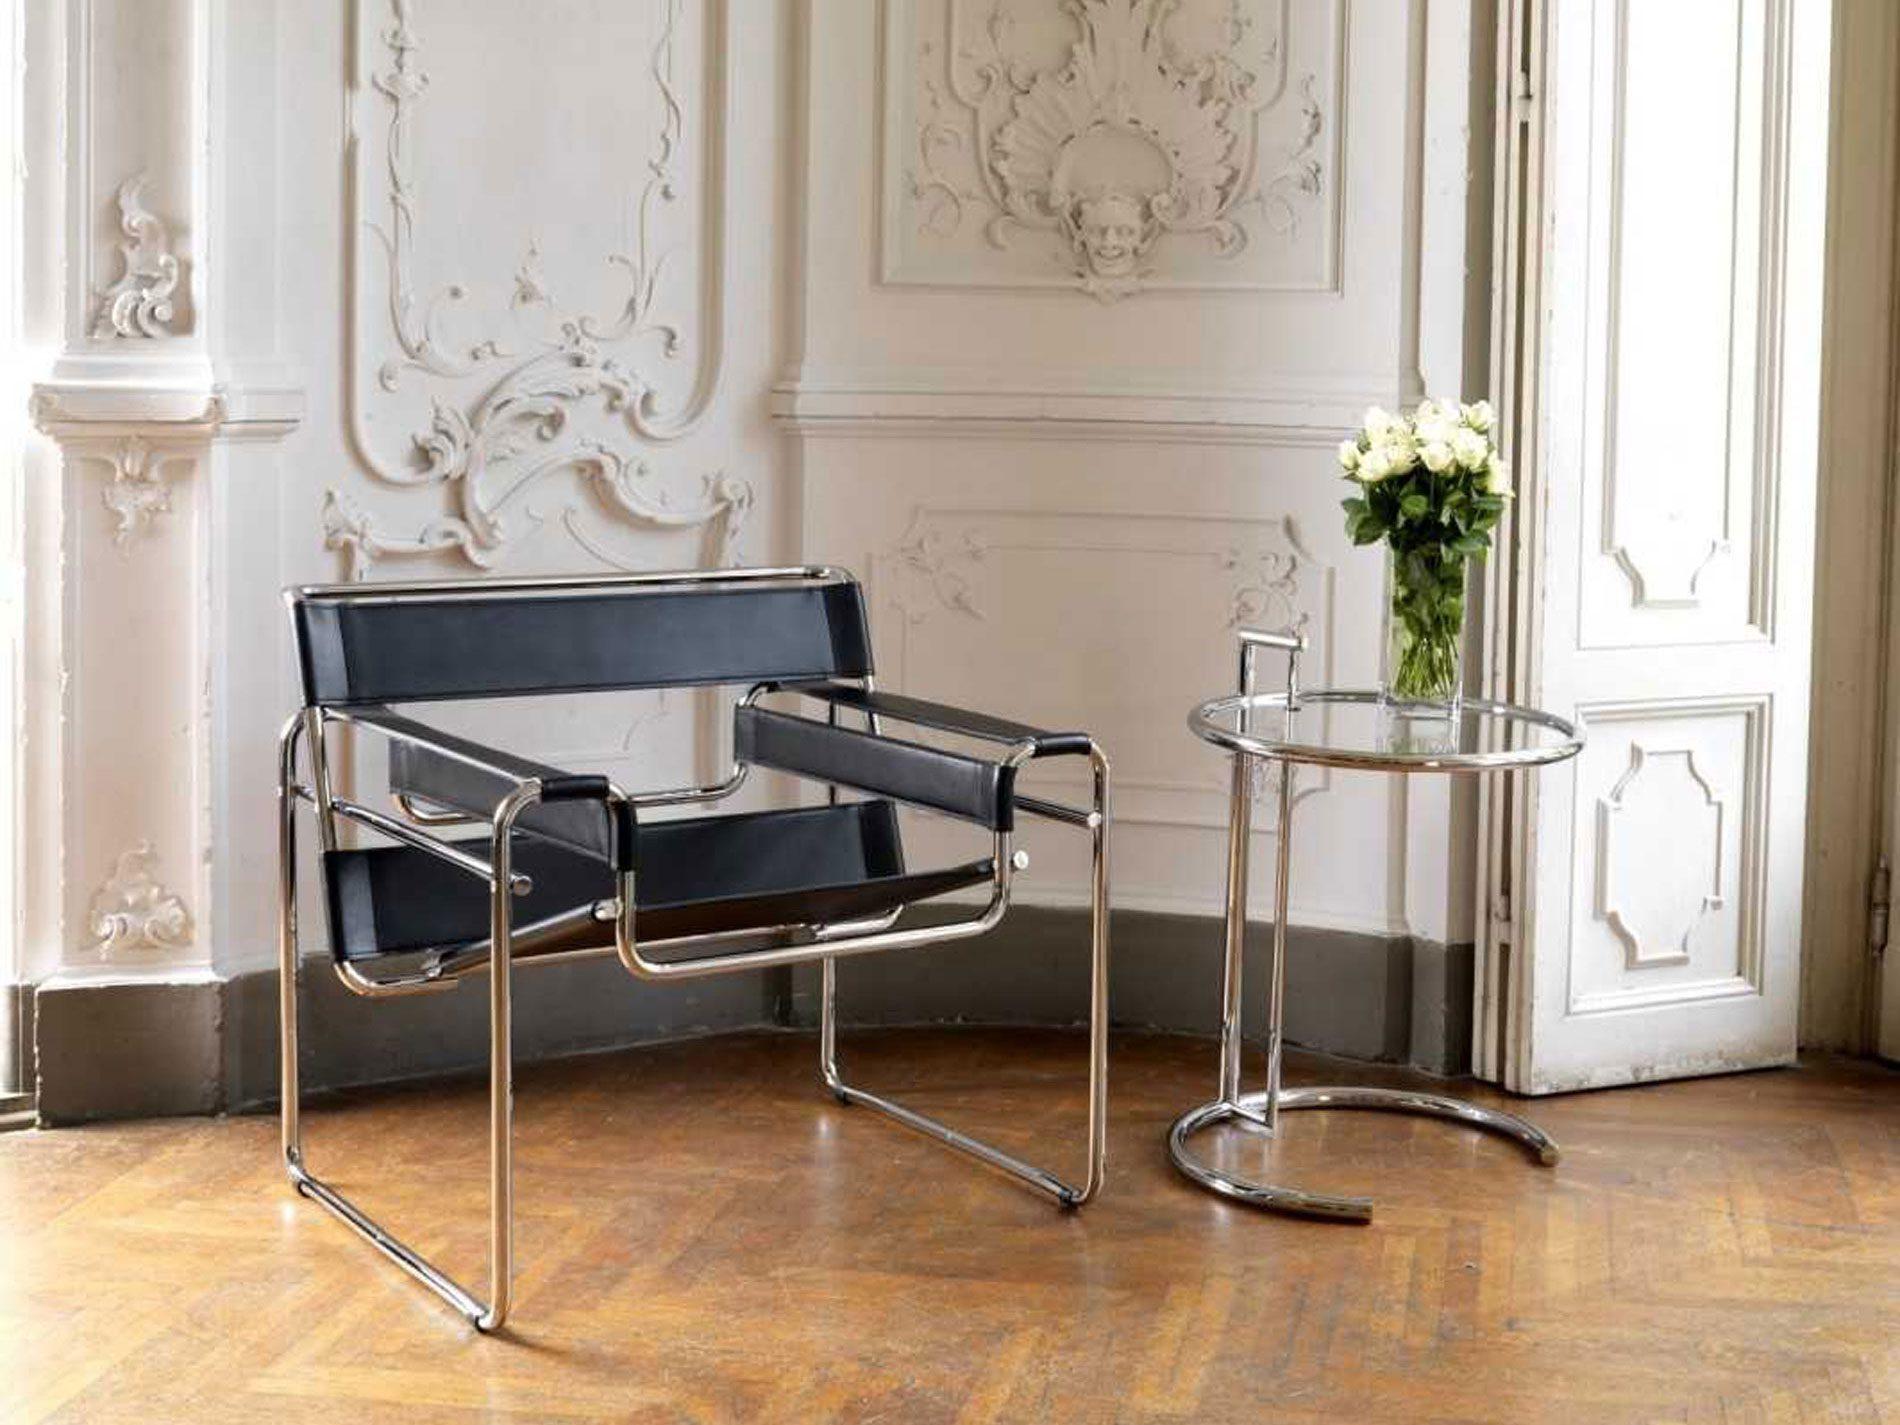 Icone del design la sedia wassily di breuer unprogetto for La sedia nel design